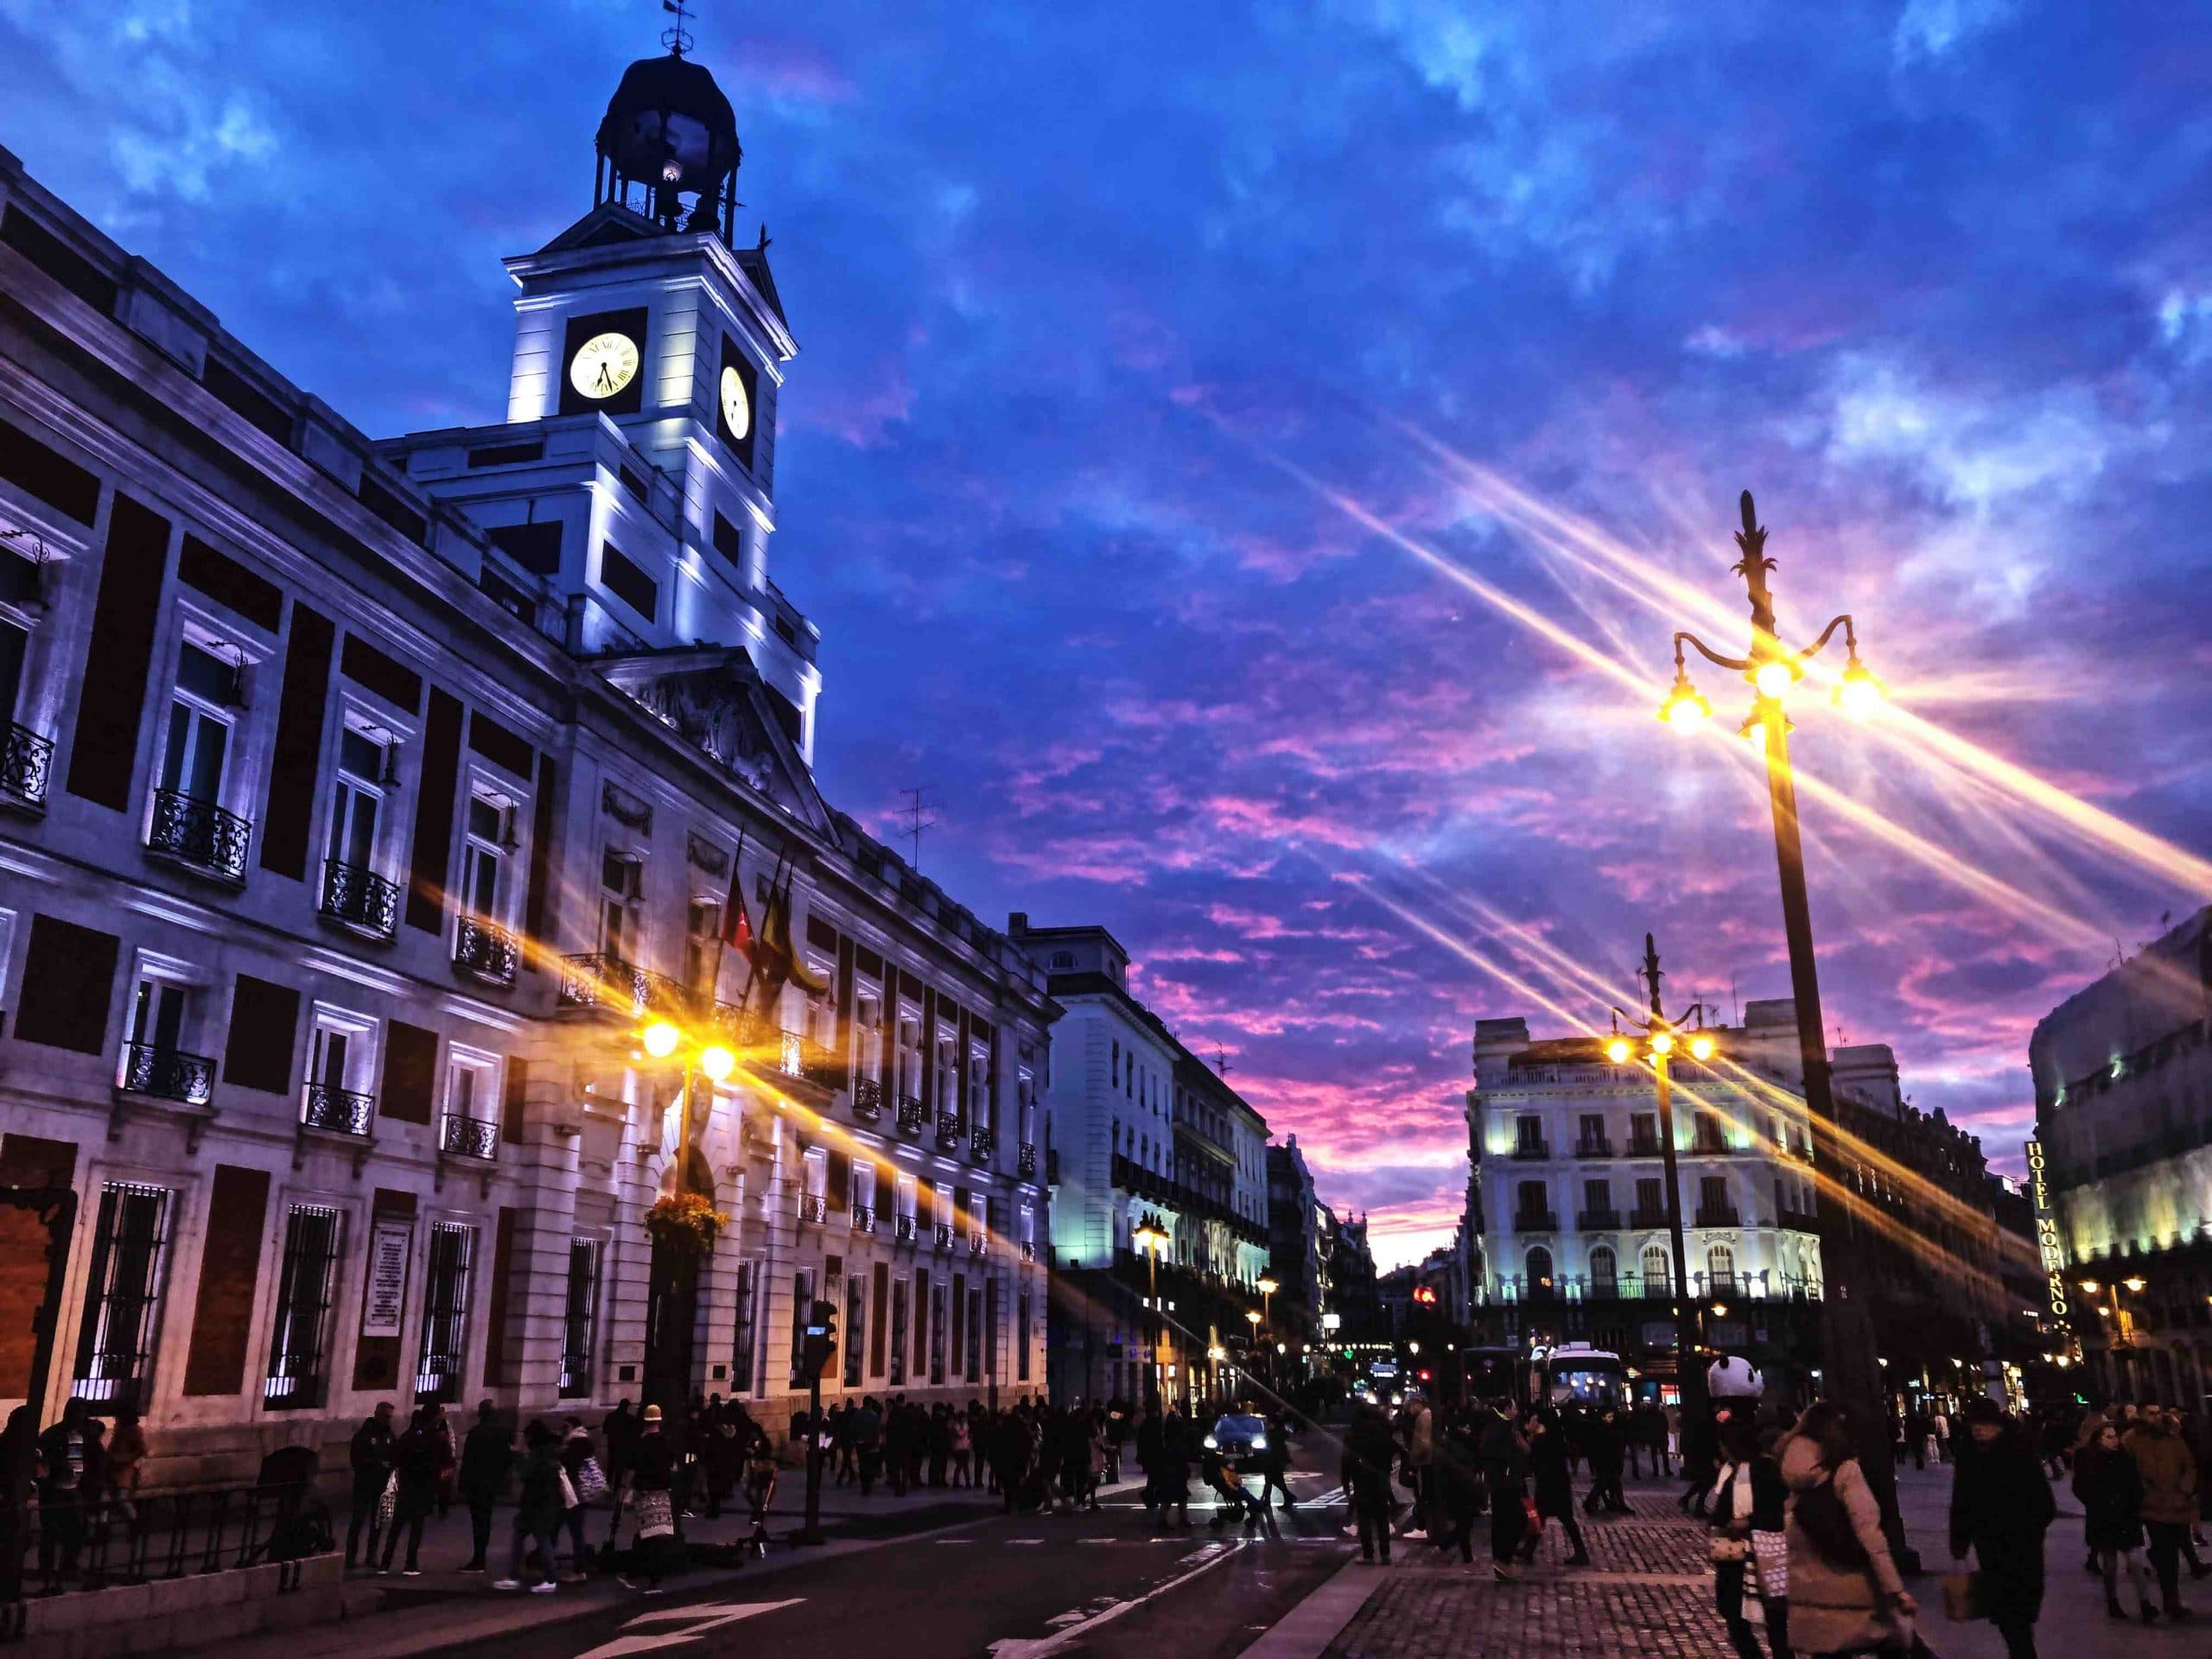 Comment faire pour aller vivre en Espagne ?